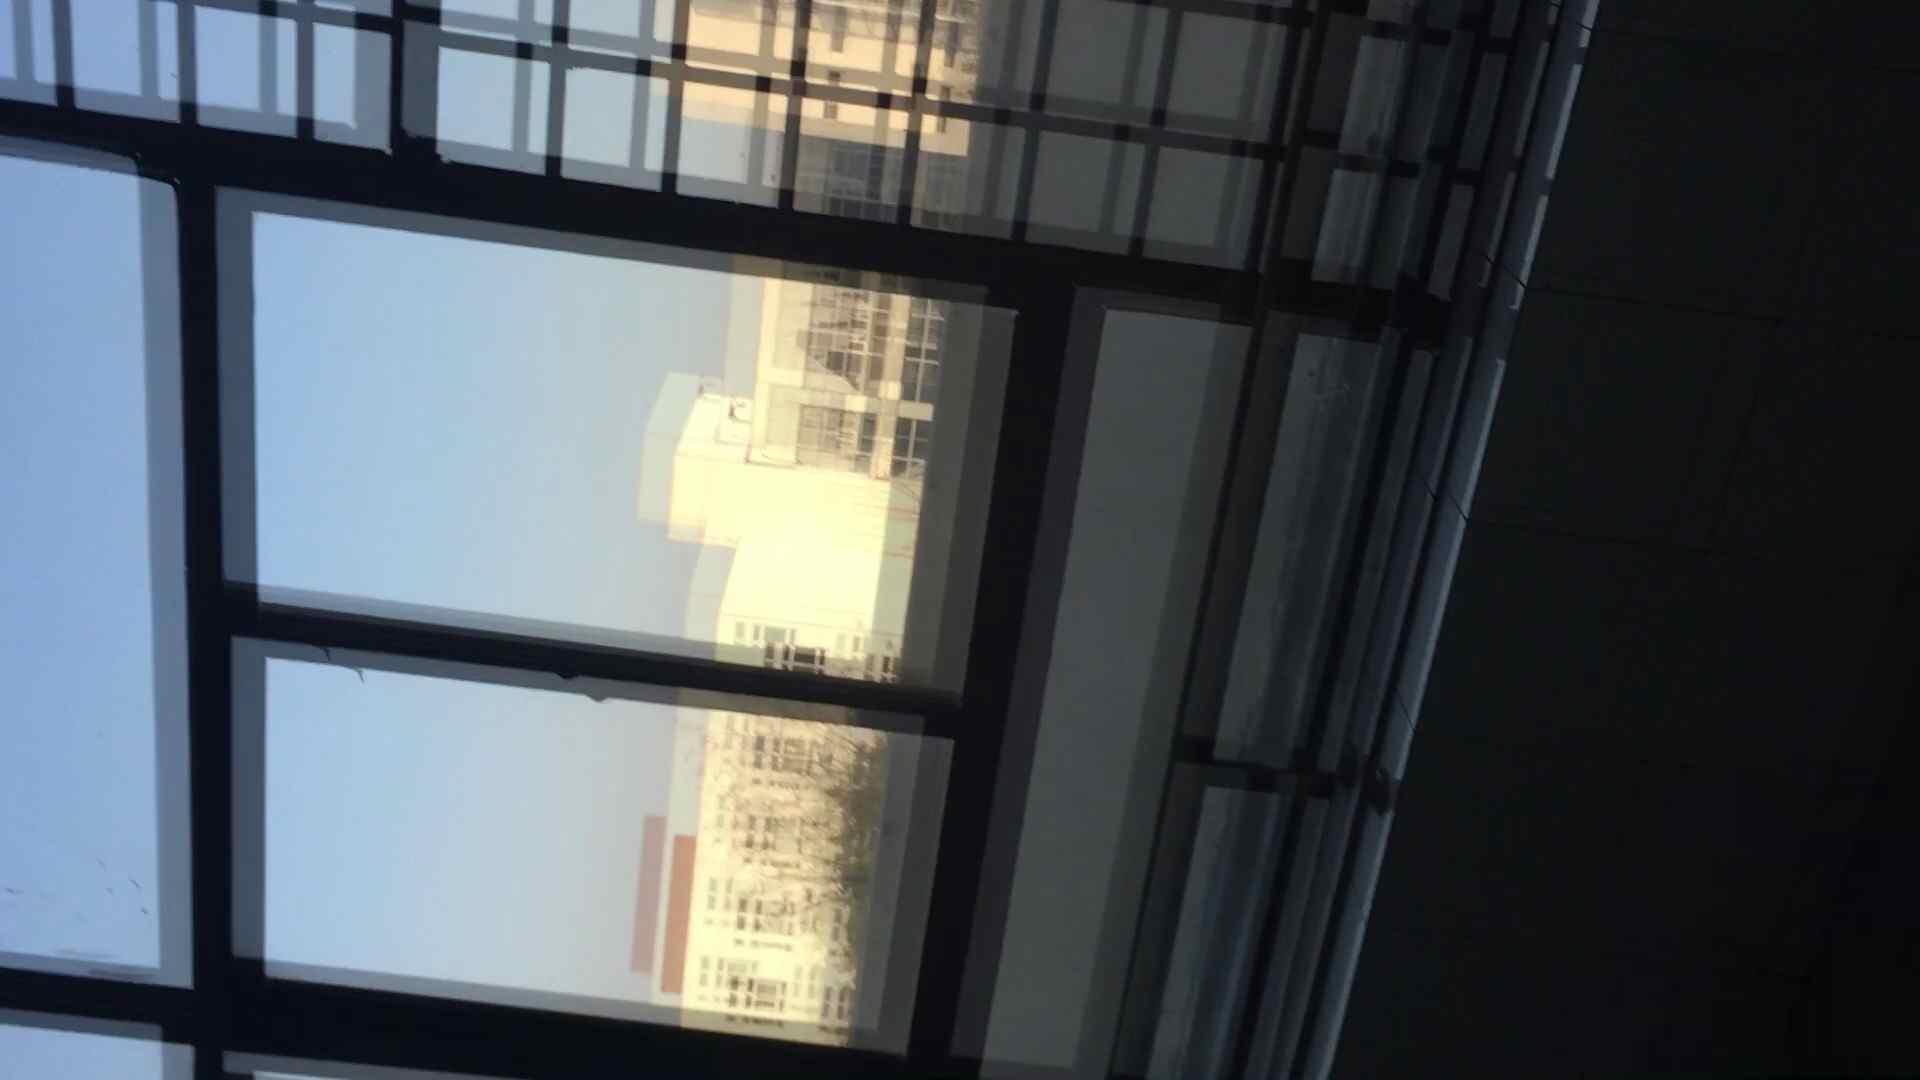 芸術大学ガチ潜入盗撮 JD盗撮 美女の洗面所の秘密 Vol.81 美女 おまんこ無修正動画無料 100枚 46